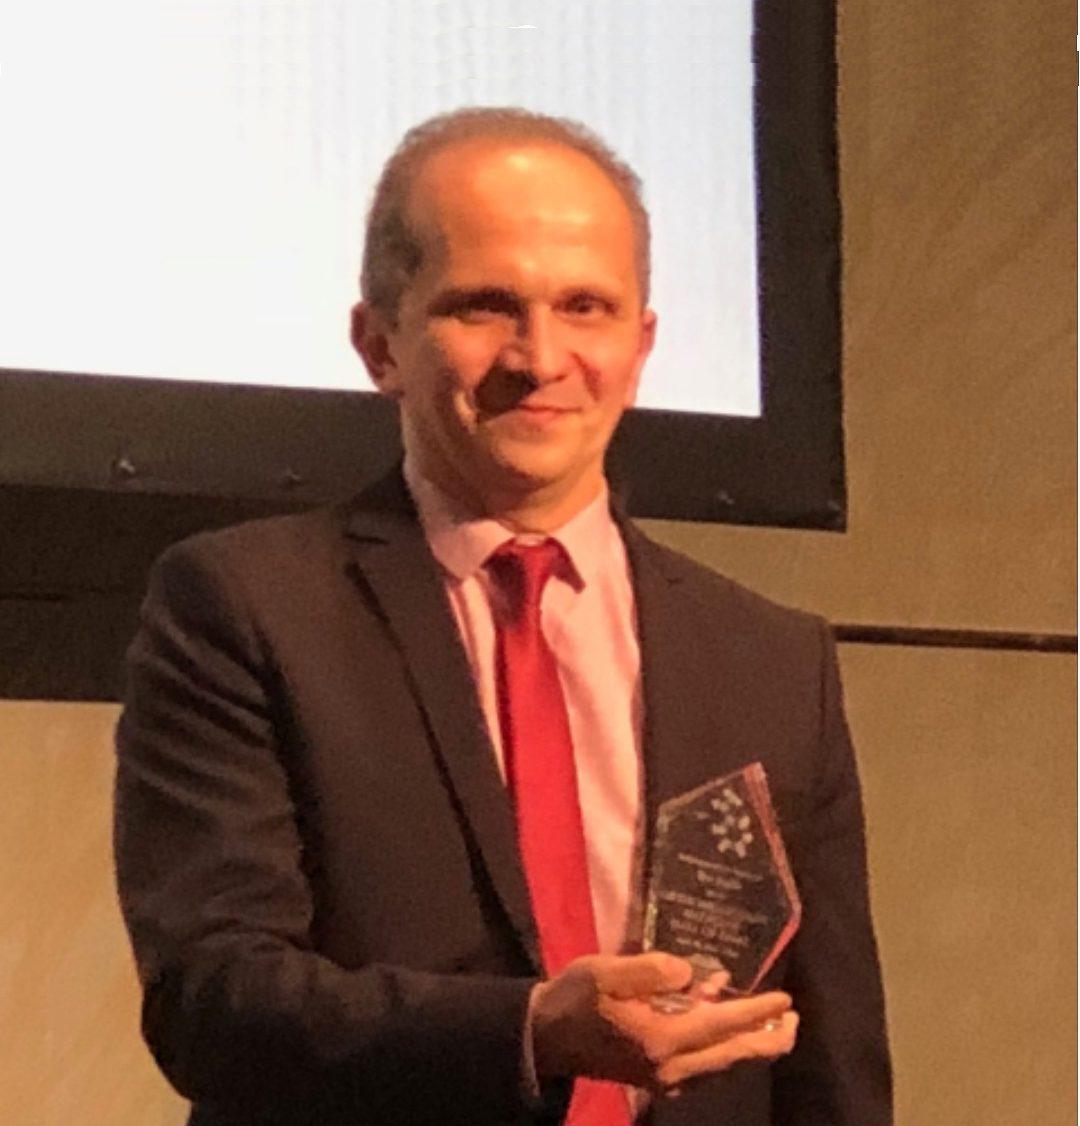 Remise du Prix Hall of Fame de médecine orthomoléculaire au 47ème congrès international de médecine orthomoléculaire.